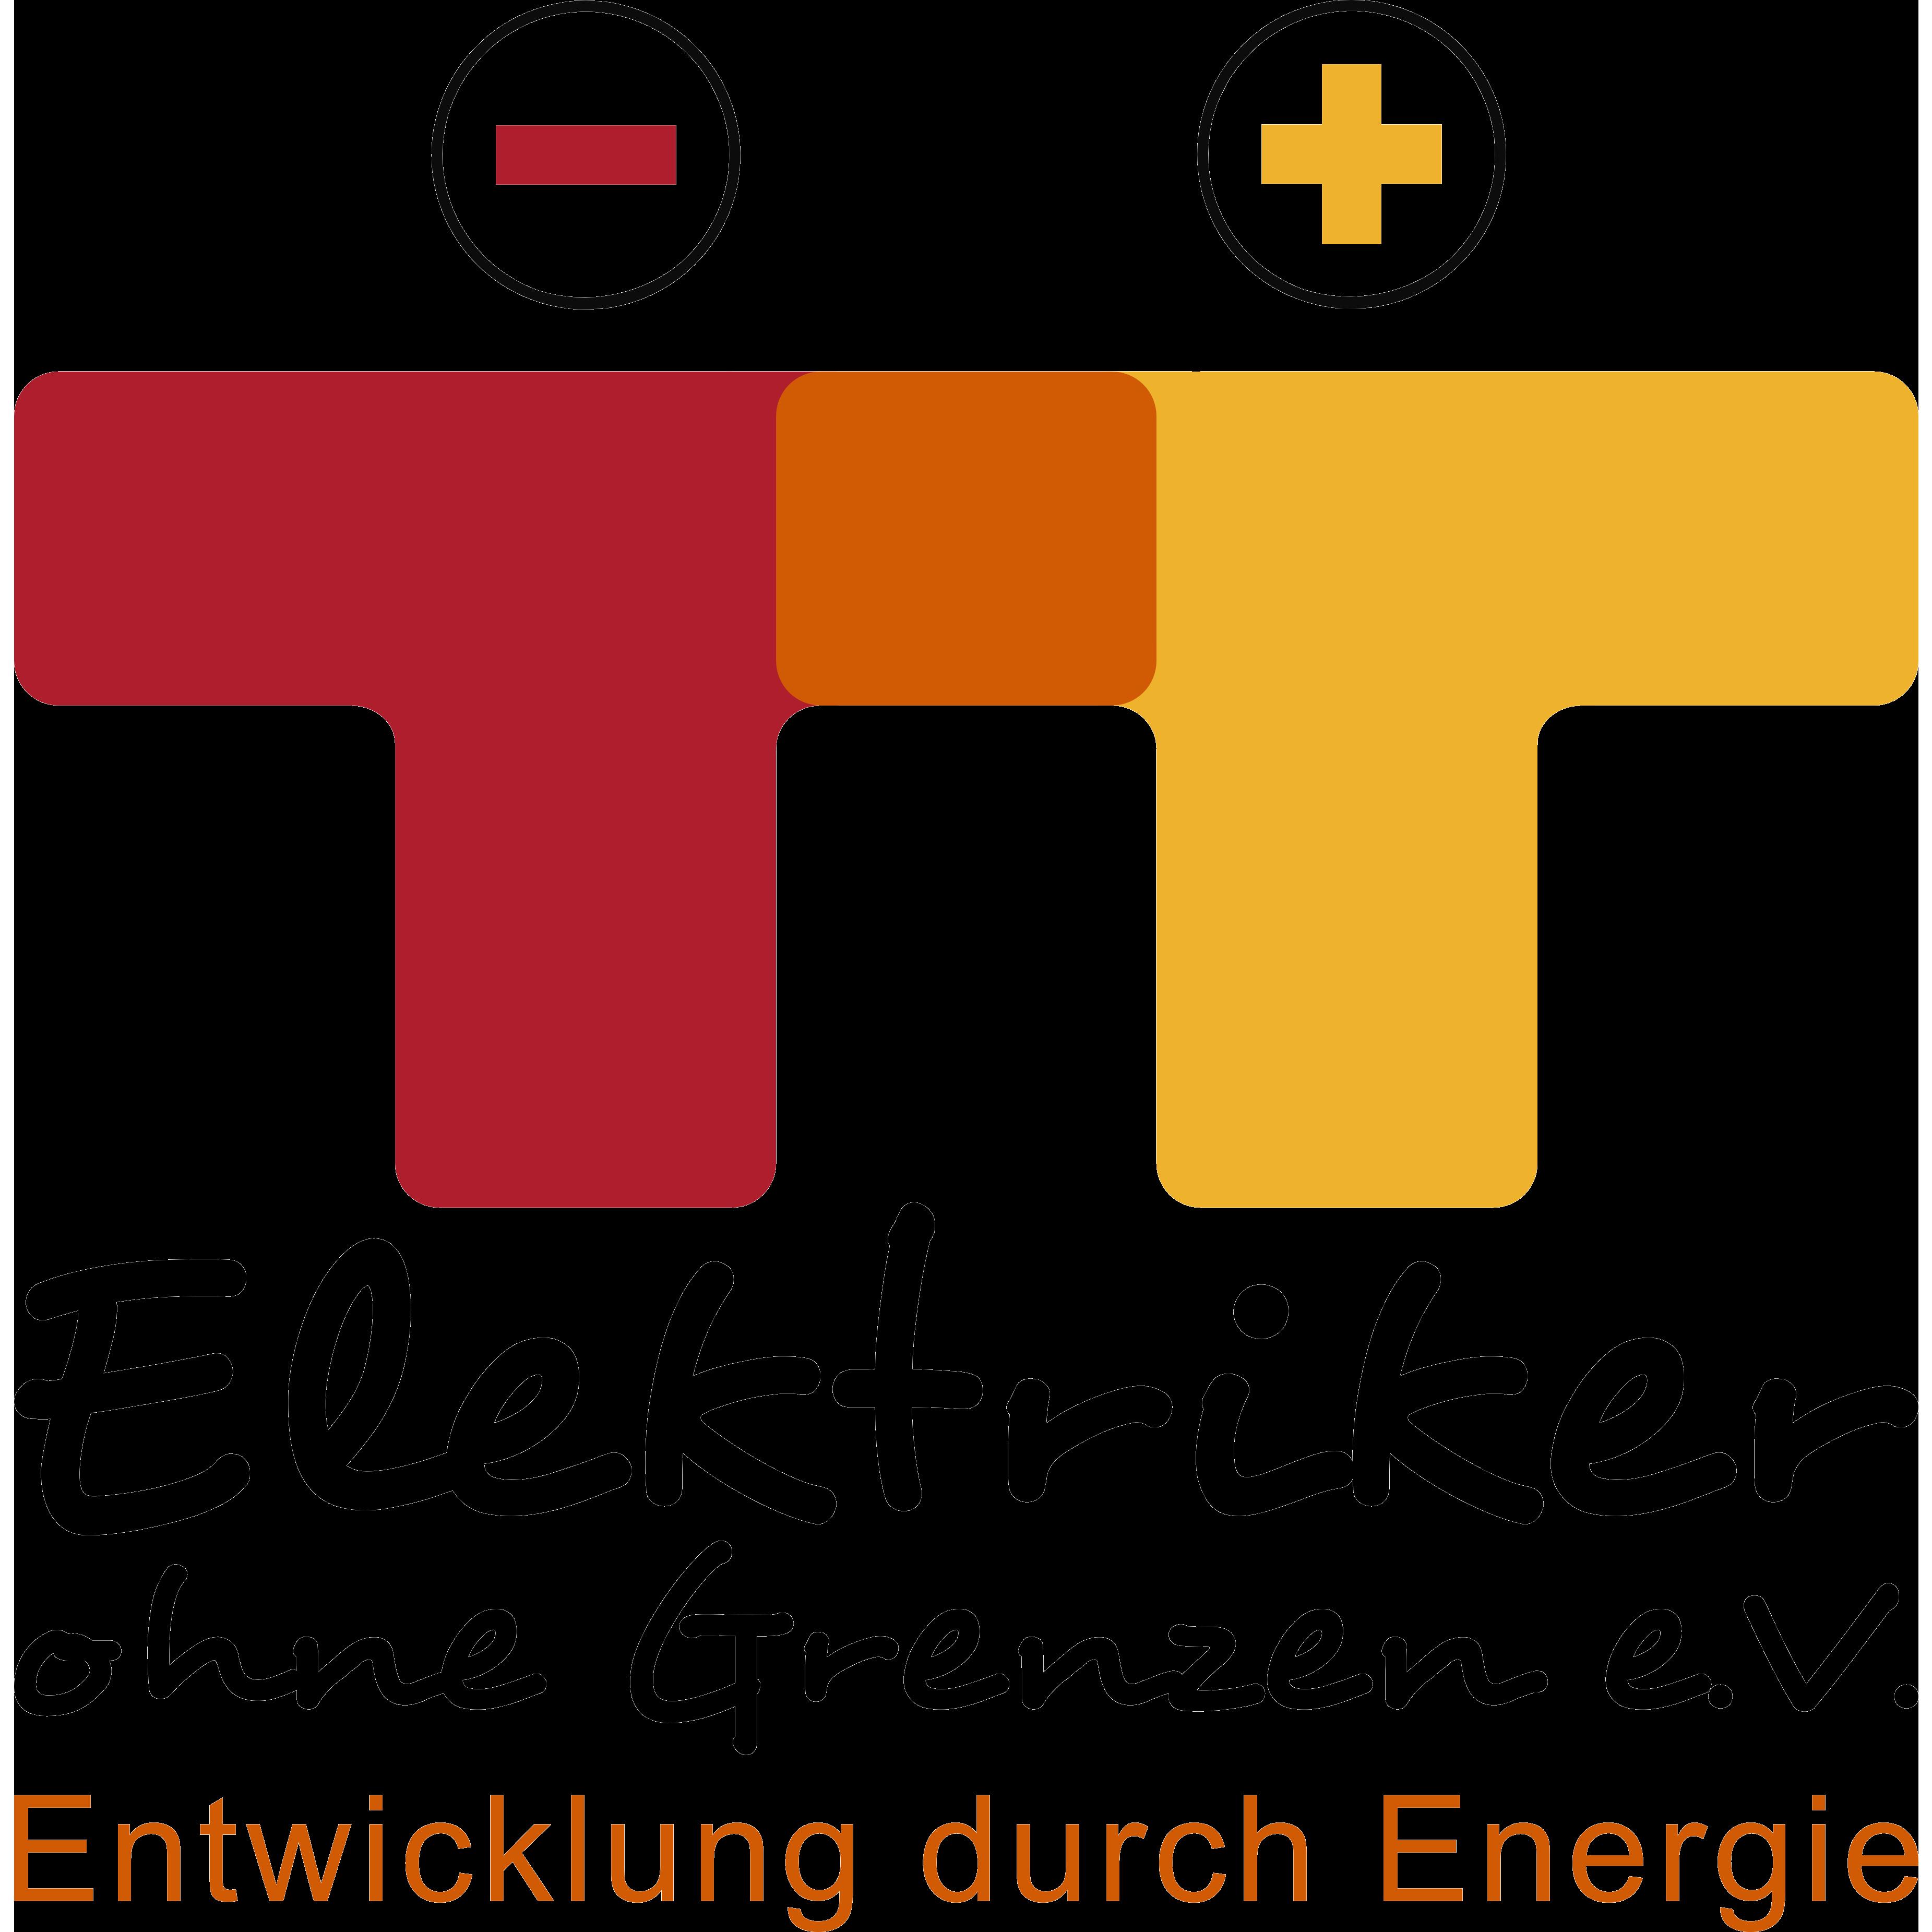 Elektriker ohne Grenzen e.V.: Spende für unsere Organisation ...